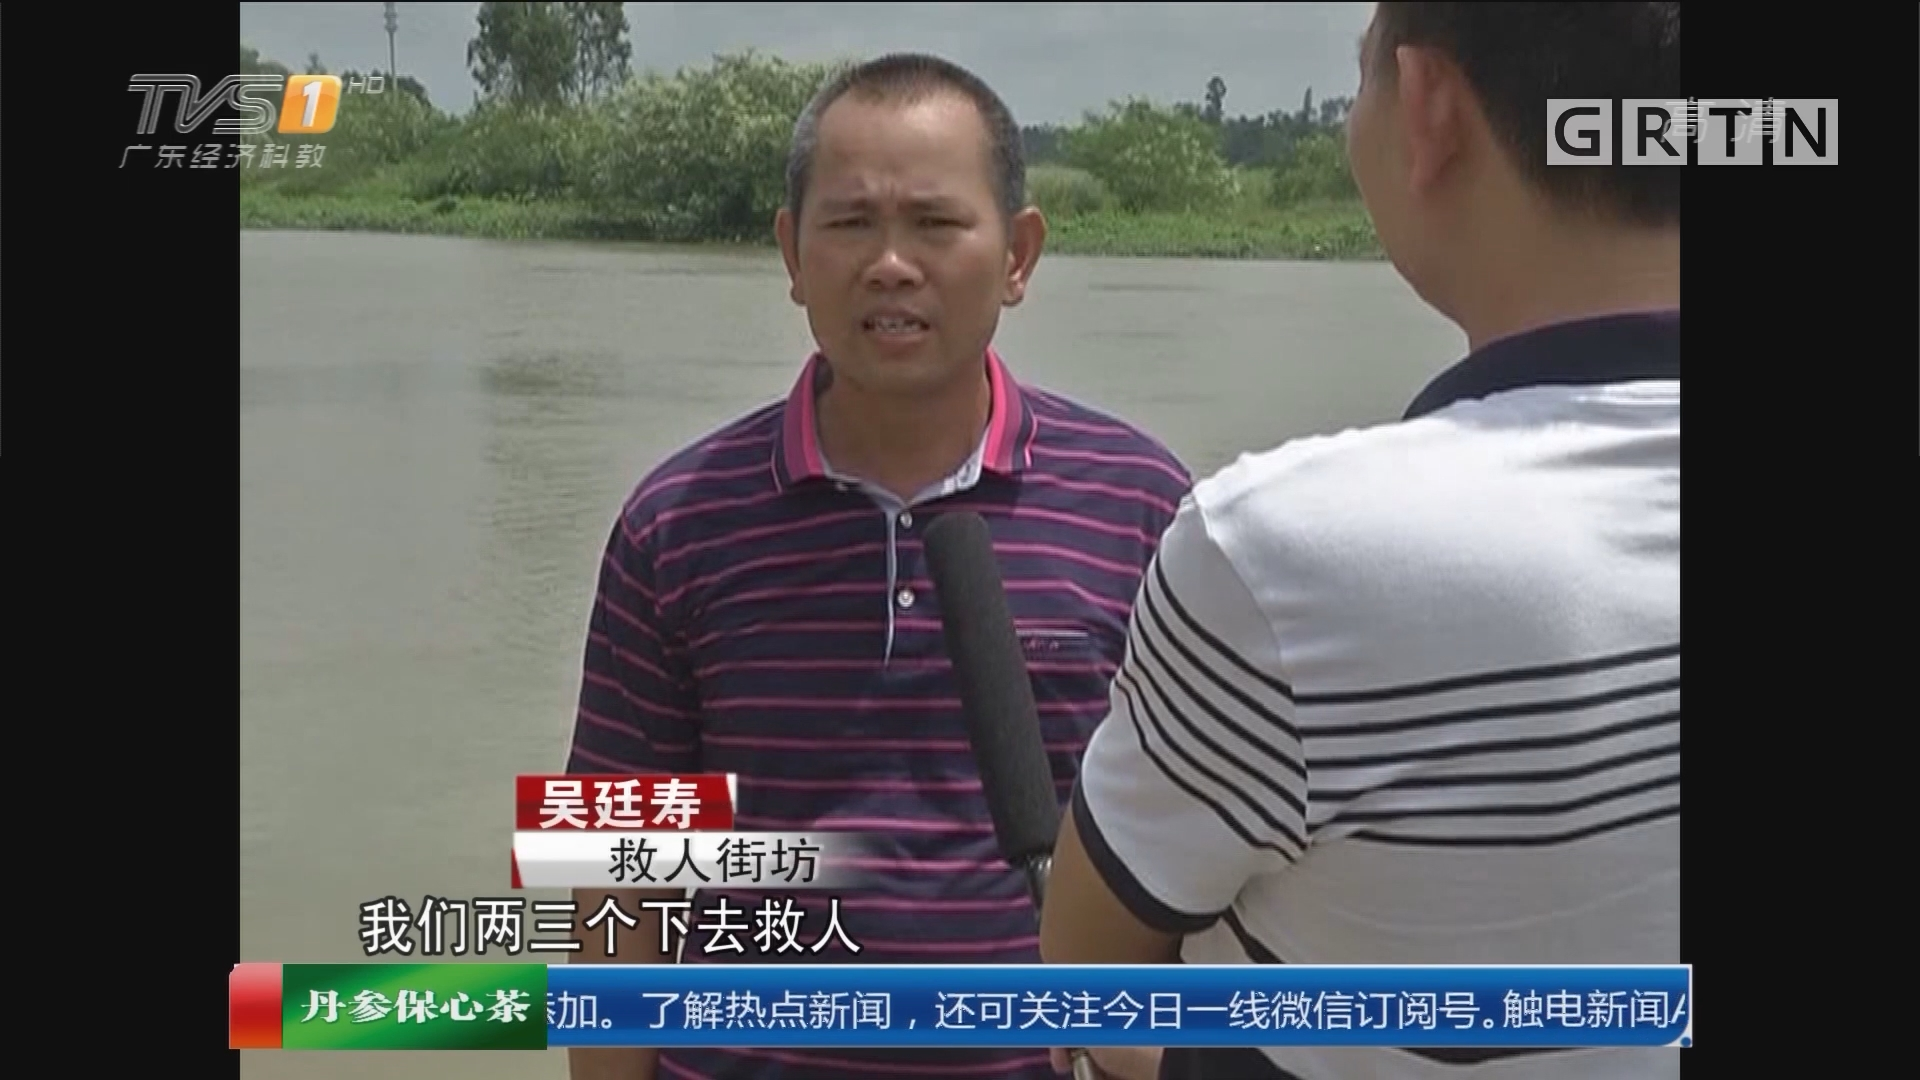 """系列专栏""""温度"""":湛江廉江 男子不慎跌落水坝 四村民合力相救"""